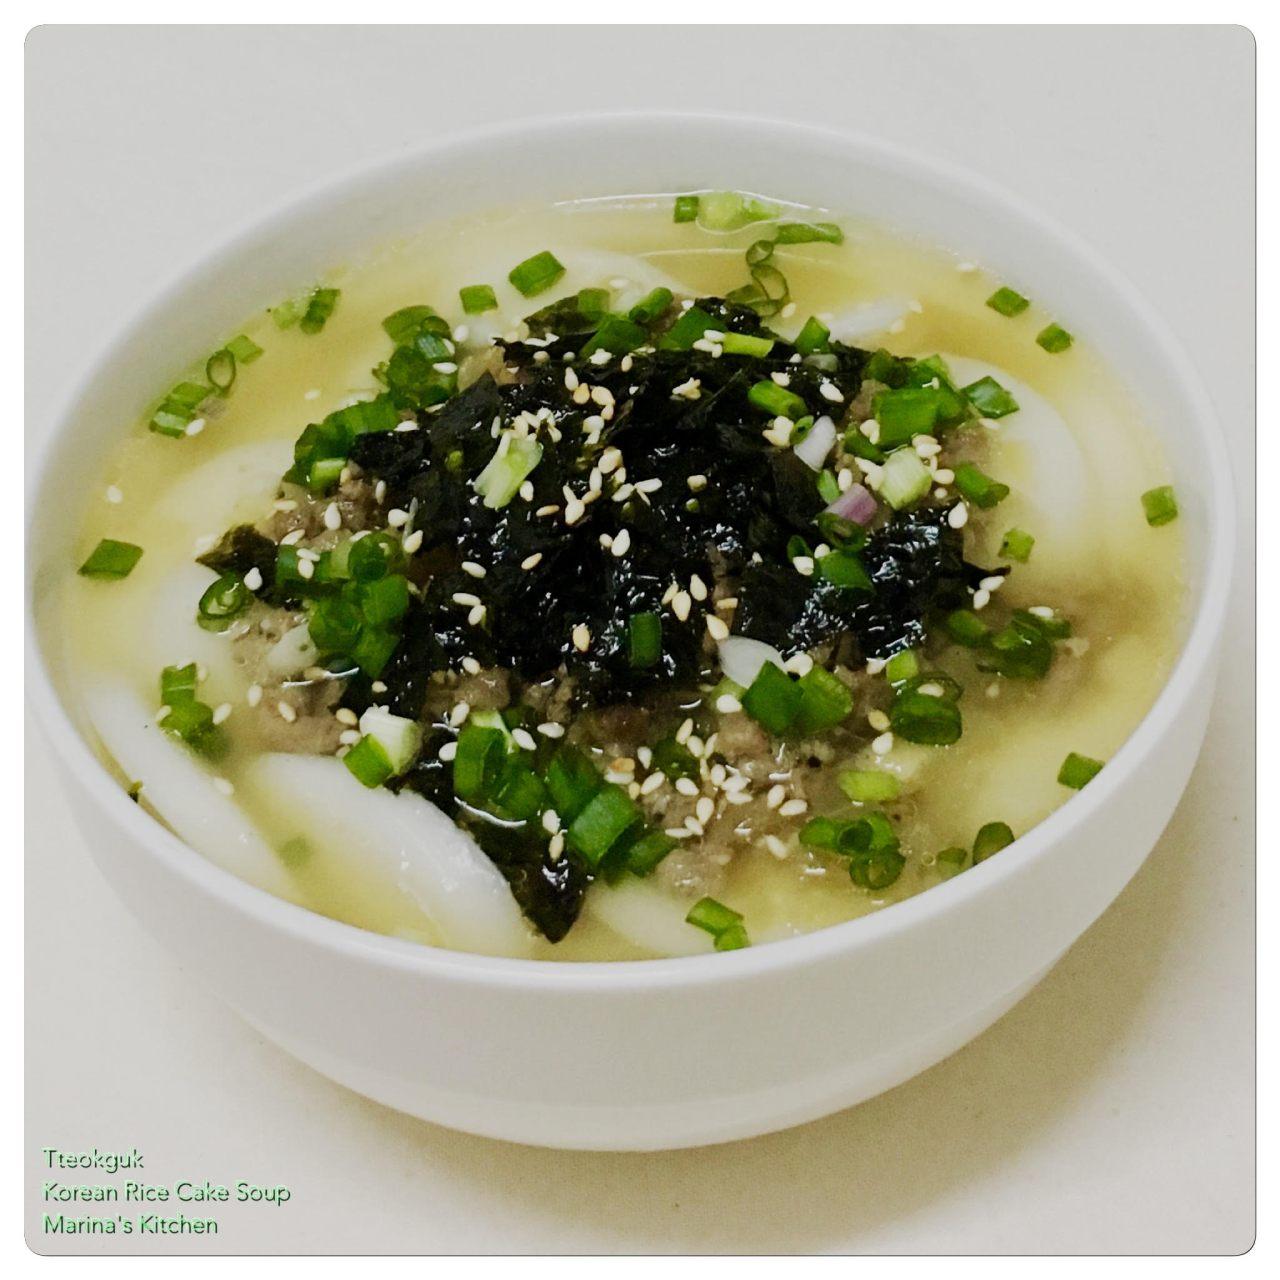 https://marinaohkitchen.wordpress.com/2017/02/09/tteokguk-korean-rice-cake-soup-2/